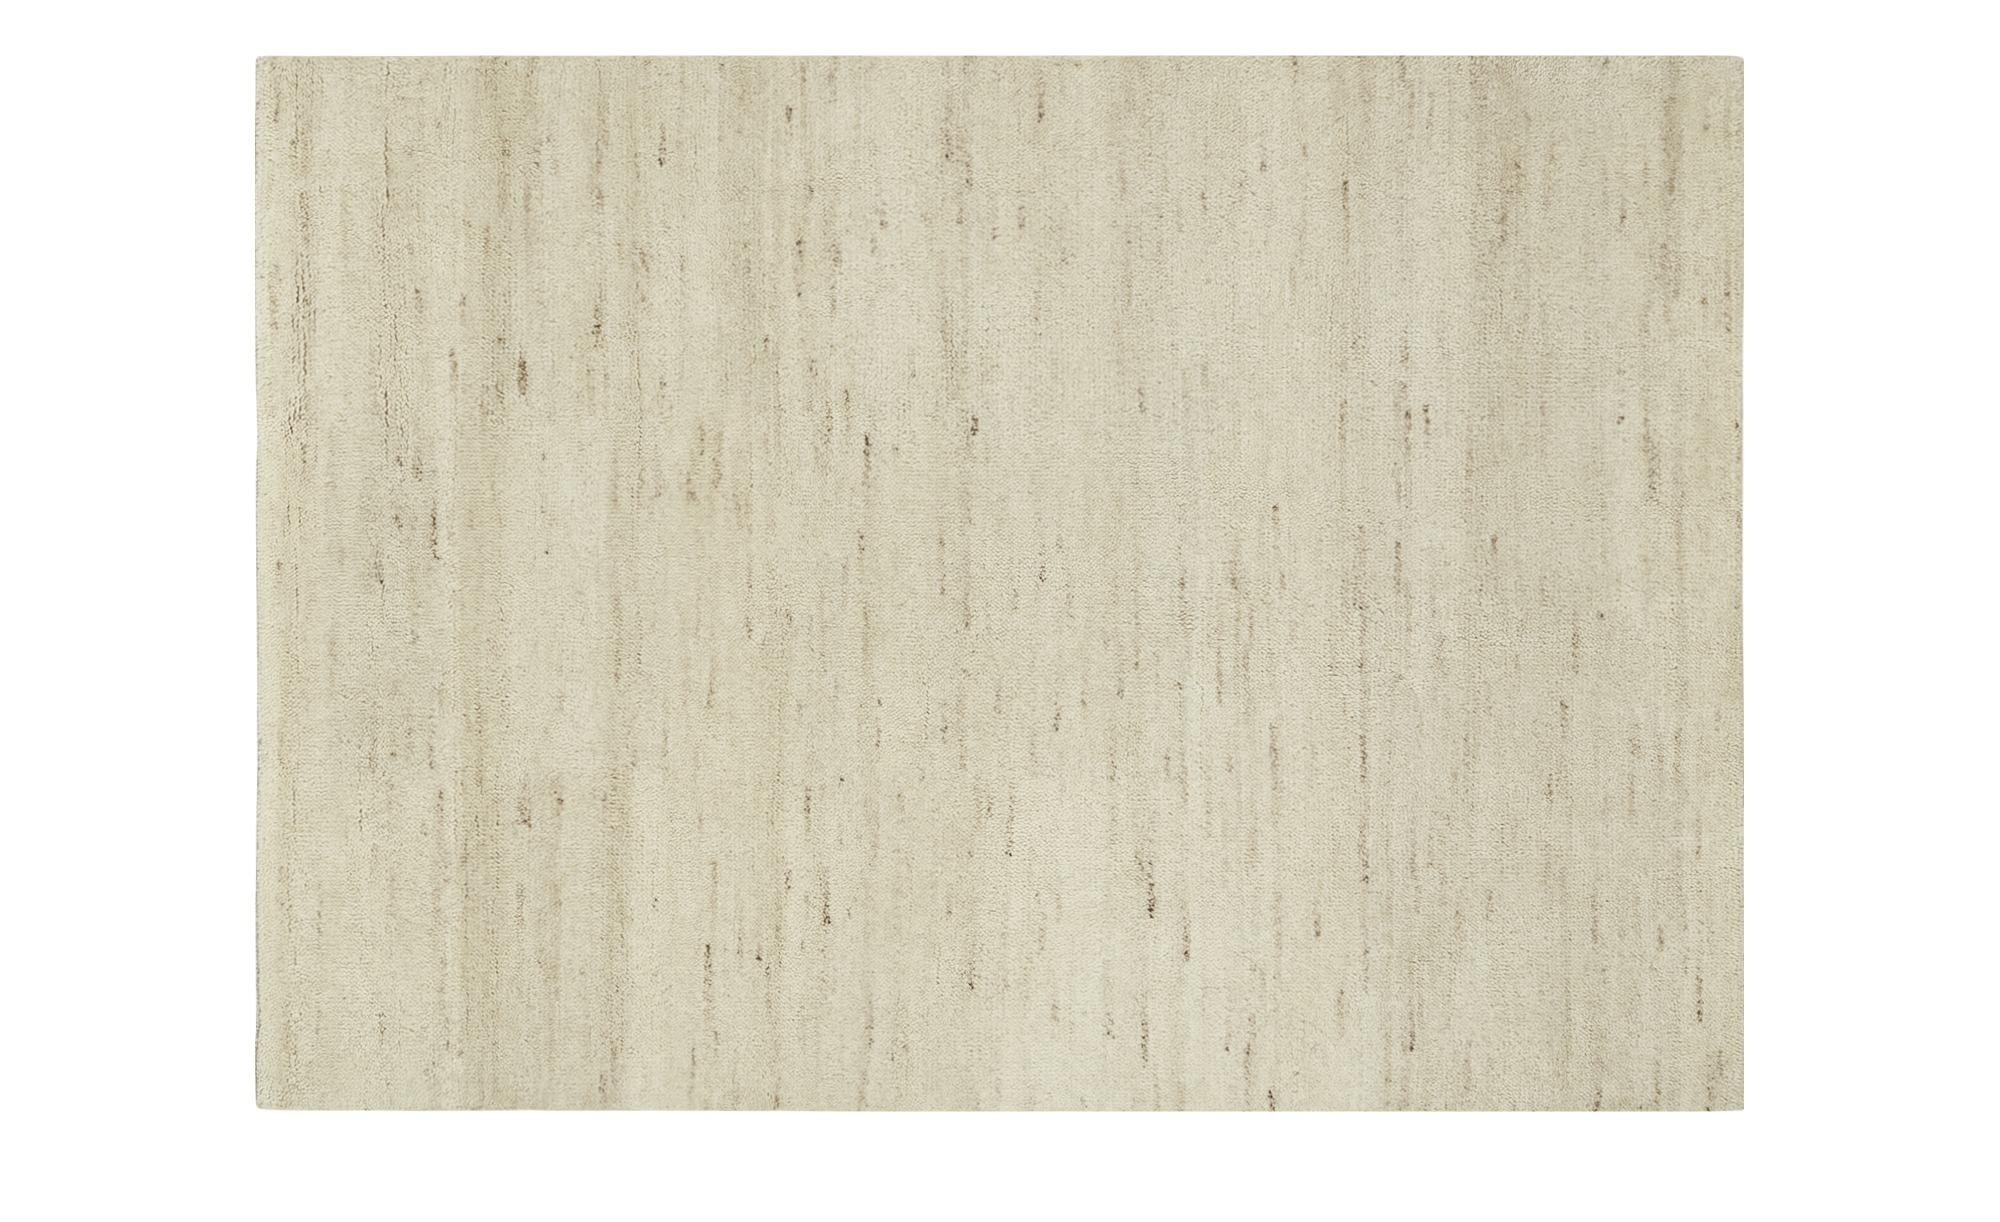 Berber-Teppich  Marrakesh simple ¦ creme ¦ reine Wolle| Wolle ¦ Maße (cm): B: 170 Teppiche > Wohnteppiche > Naturteppiche - Höffner | Heimtextilien > Teppiche > Berberteppiche | Möbel Höffner DE